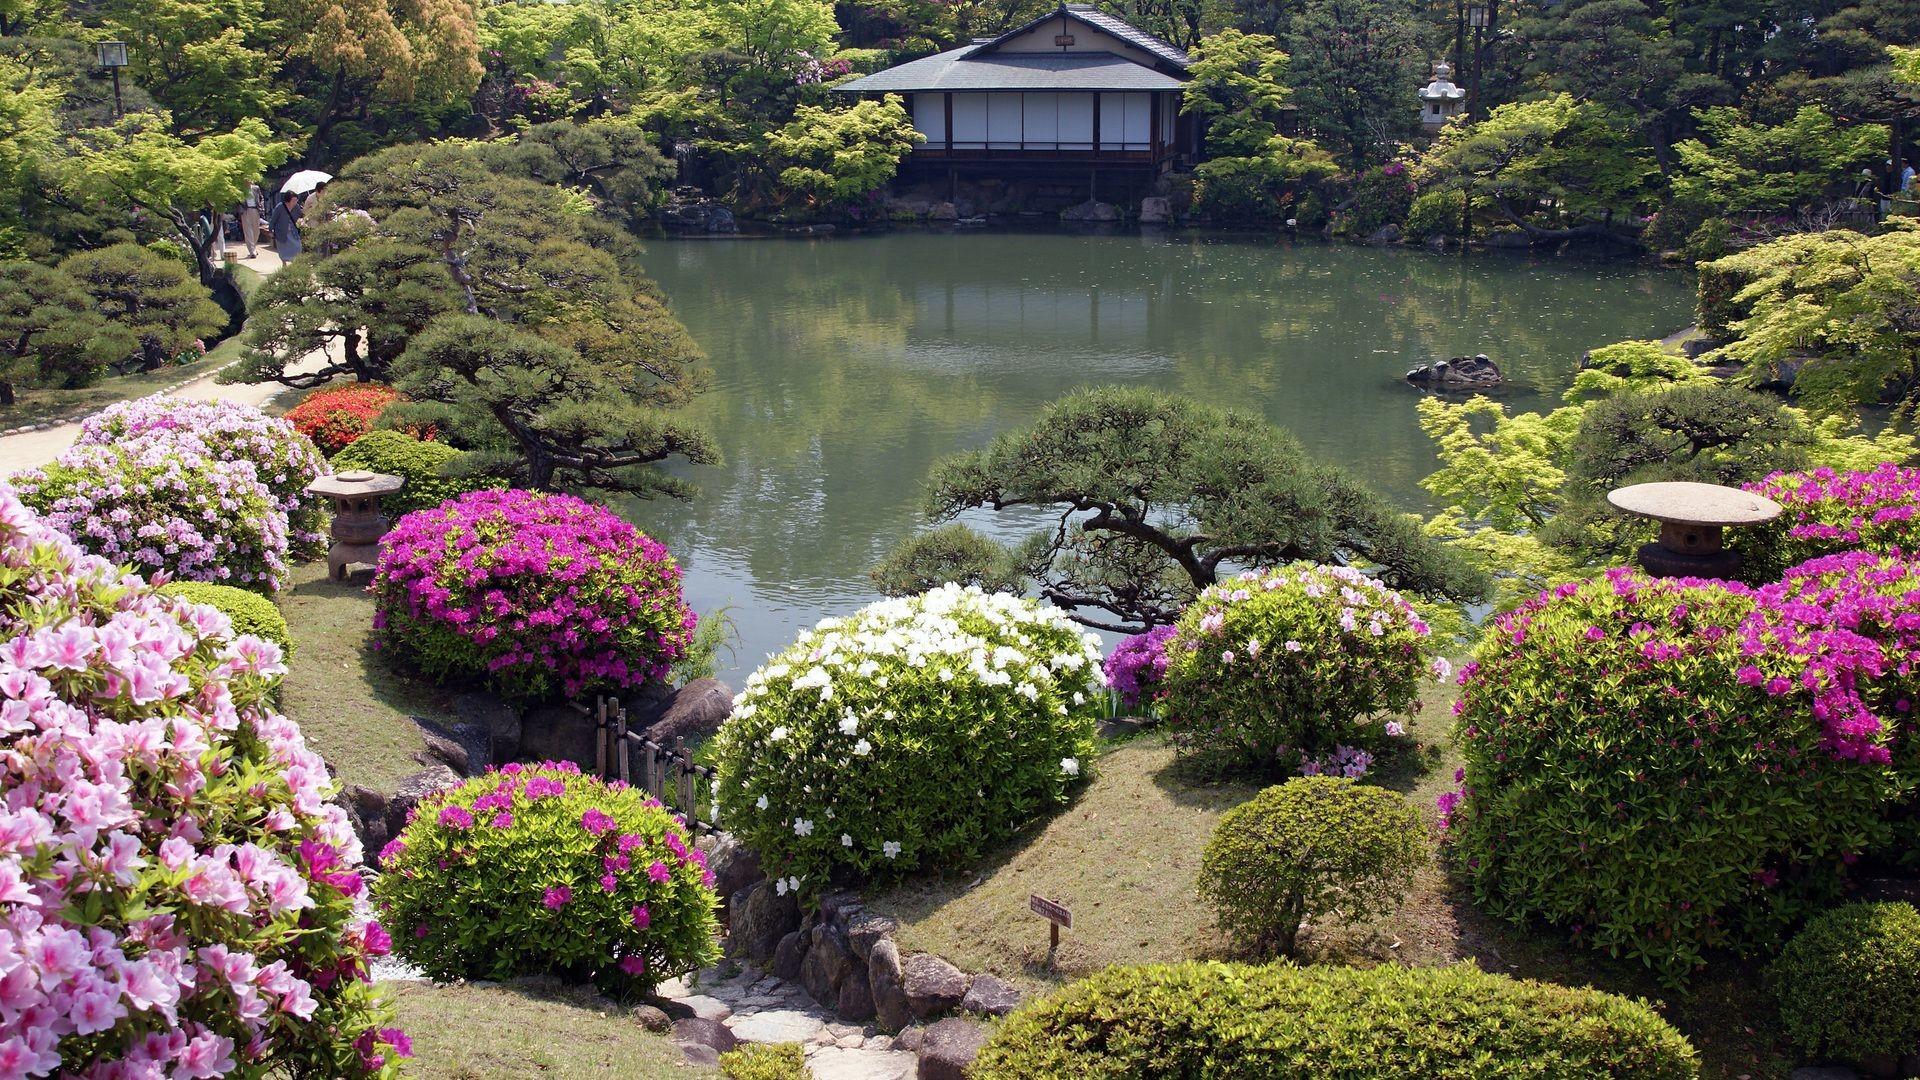 Res: 1920x1080, Japanese Garden Wallpaper, HD, flowers, a japanese garden, house